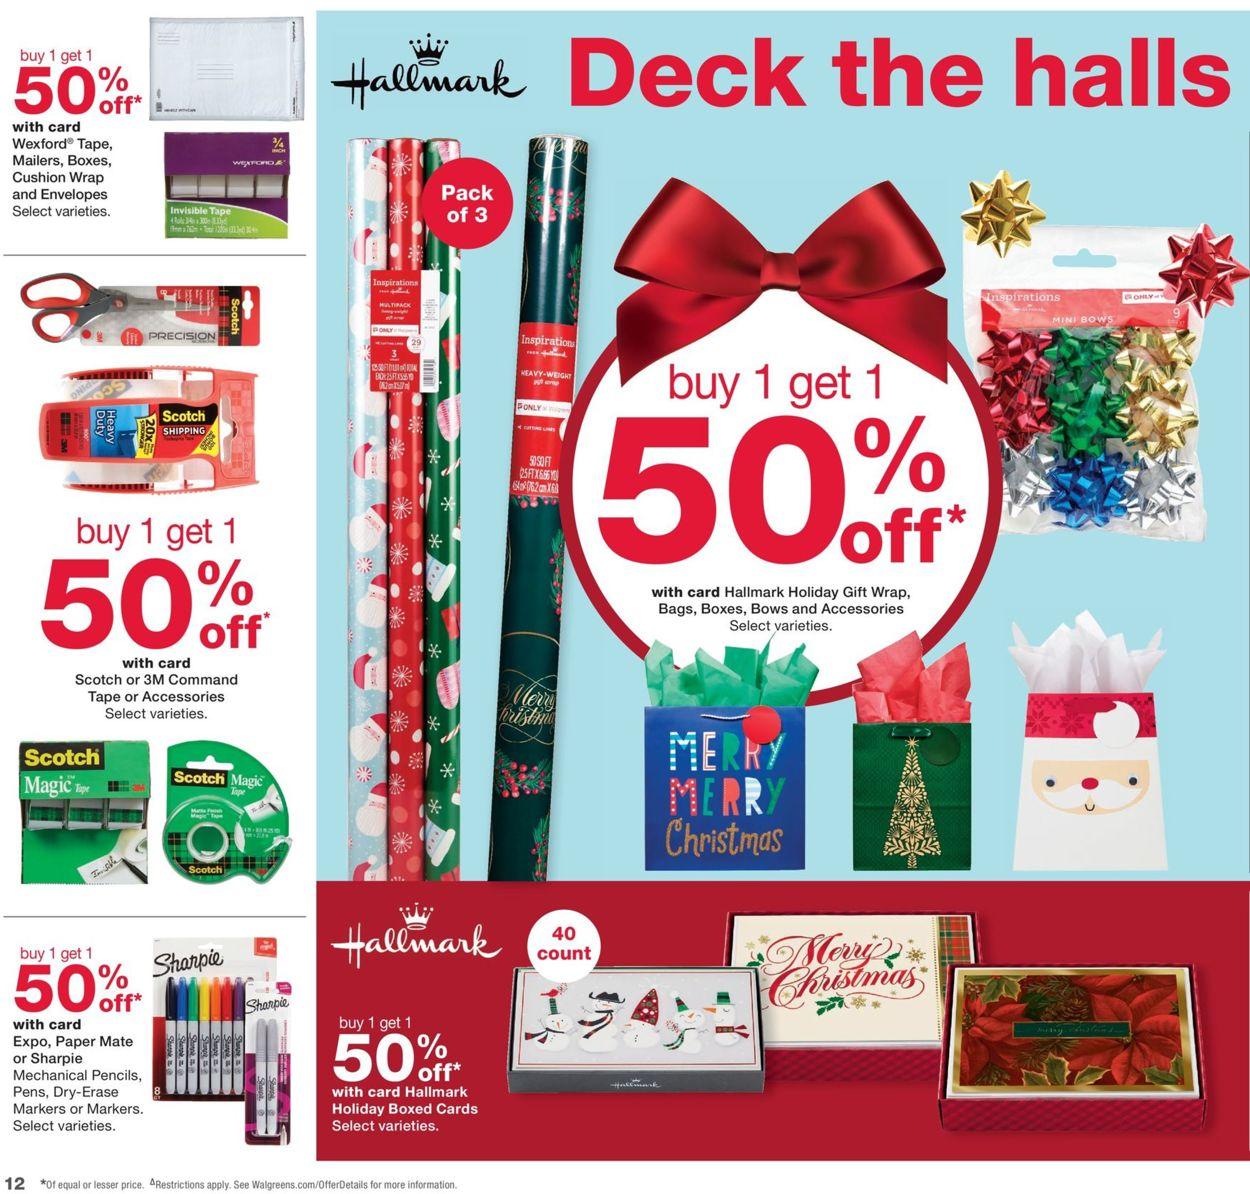 Walgreens Current Weekly Ad 11/24